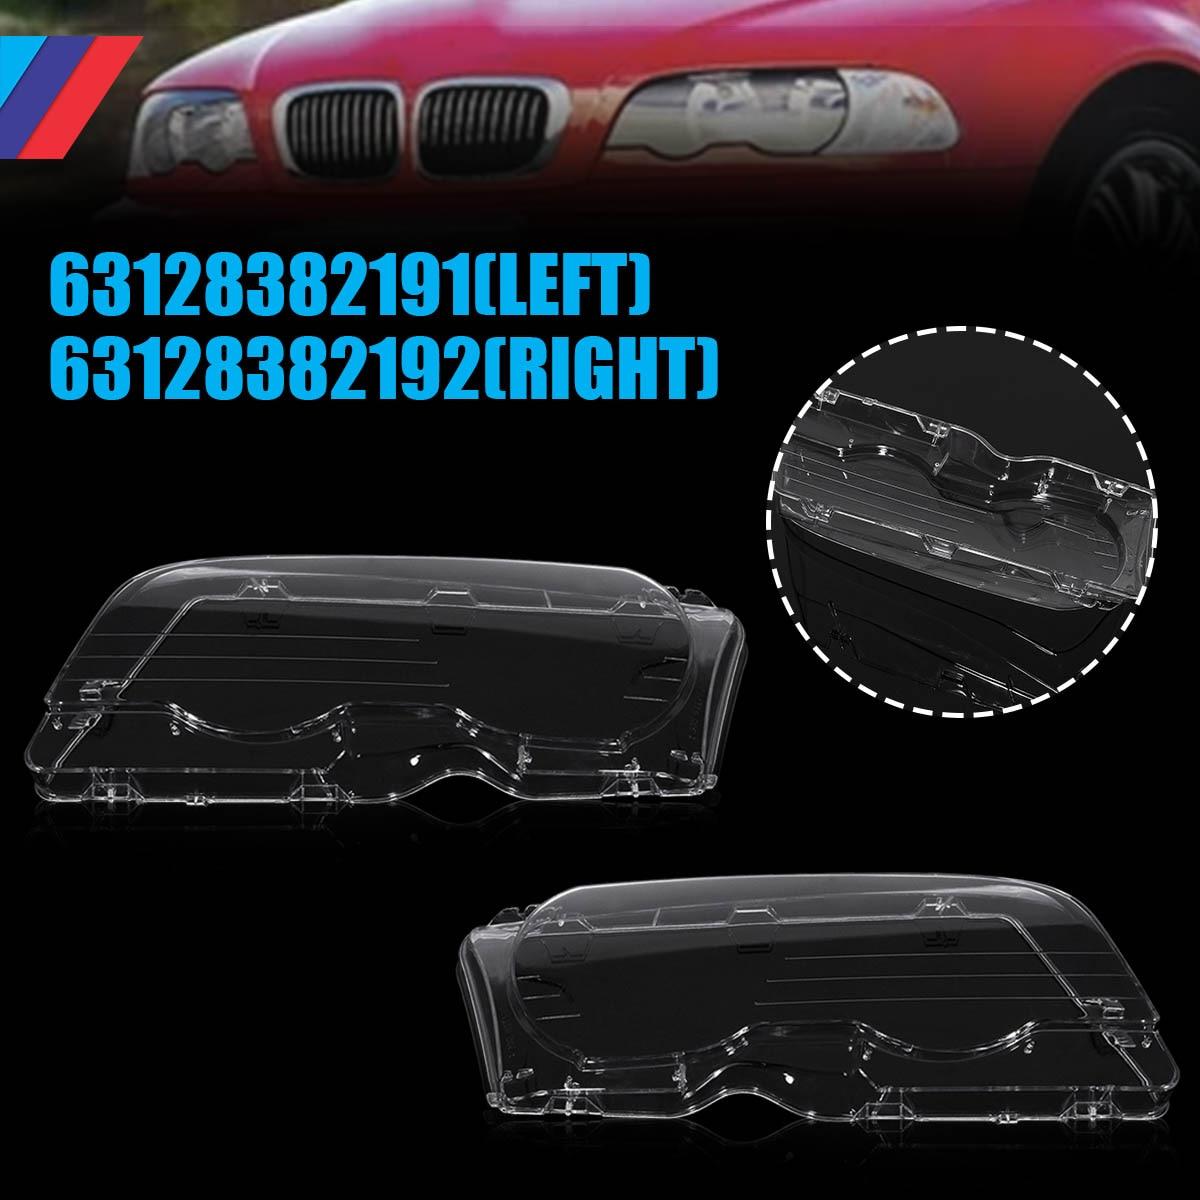 1 paire de phare de voiture clair lentille phare clair couverture Coupe Convertible pour BMW E46 2DR 1999-2003 M3 2001-20061 paire de phare de voiture clair lentille phare clair couverture Coupe Convertible pour BMW E46 2DR 1999-2003 M3 2001-2006